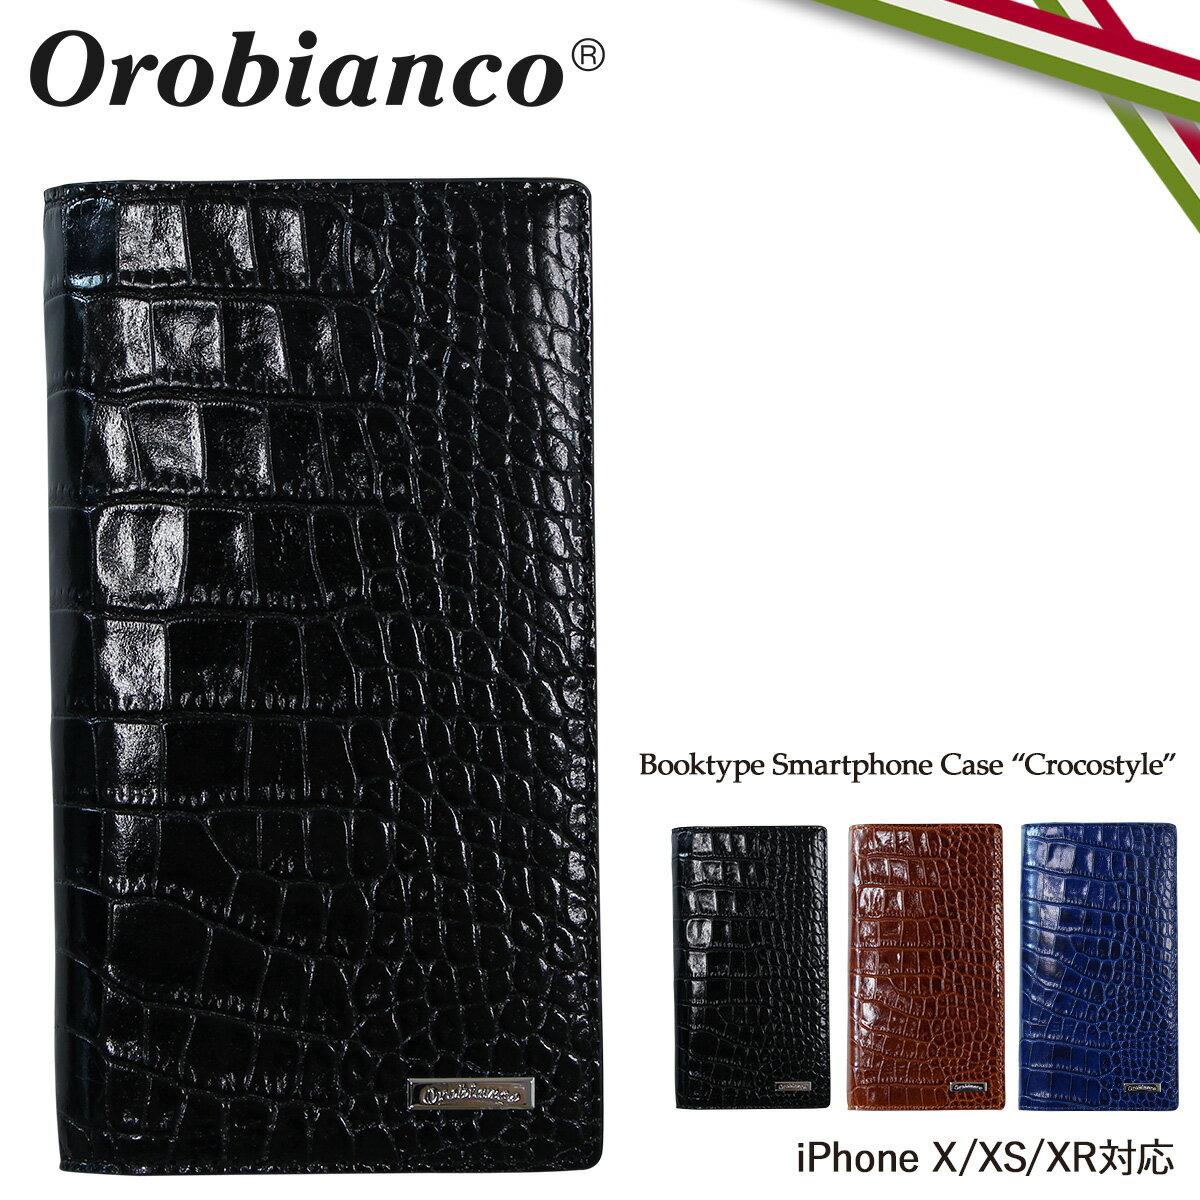 【最大2000円OFFクーポン】 オロビアンコ Orobianco iPhone XR X XS ケース 手帳型 スマホ アイフォン CROCOSTYLE レザー メンズ レディース ORIP-0004